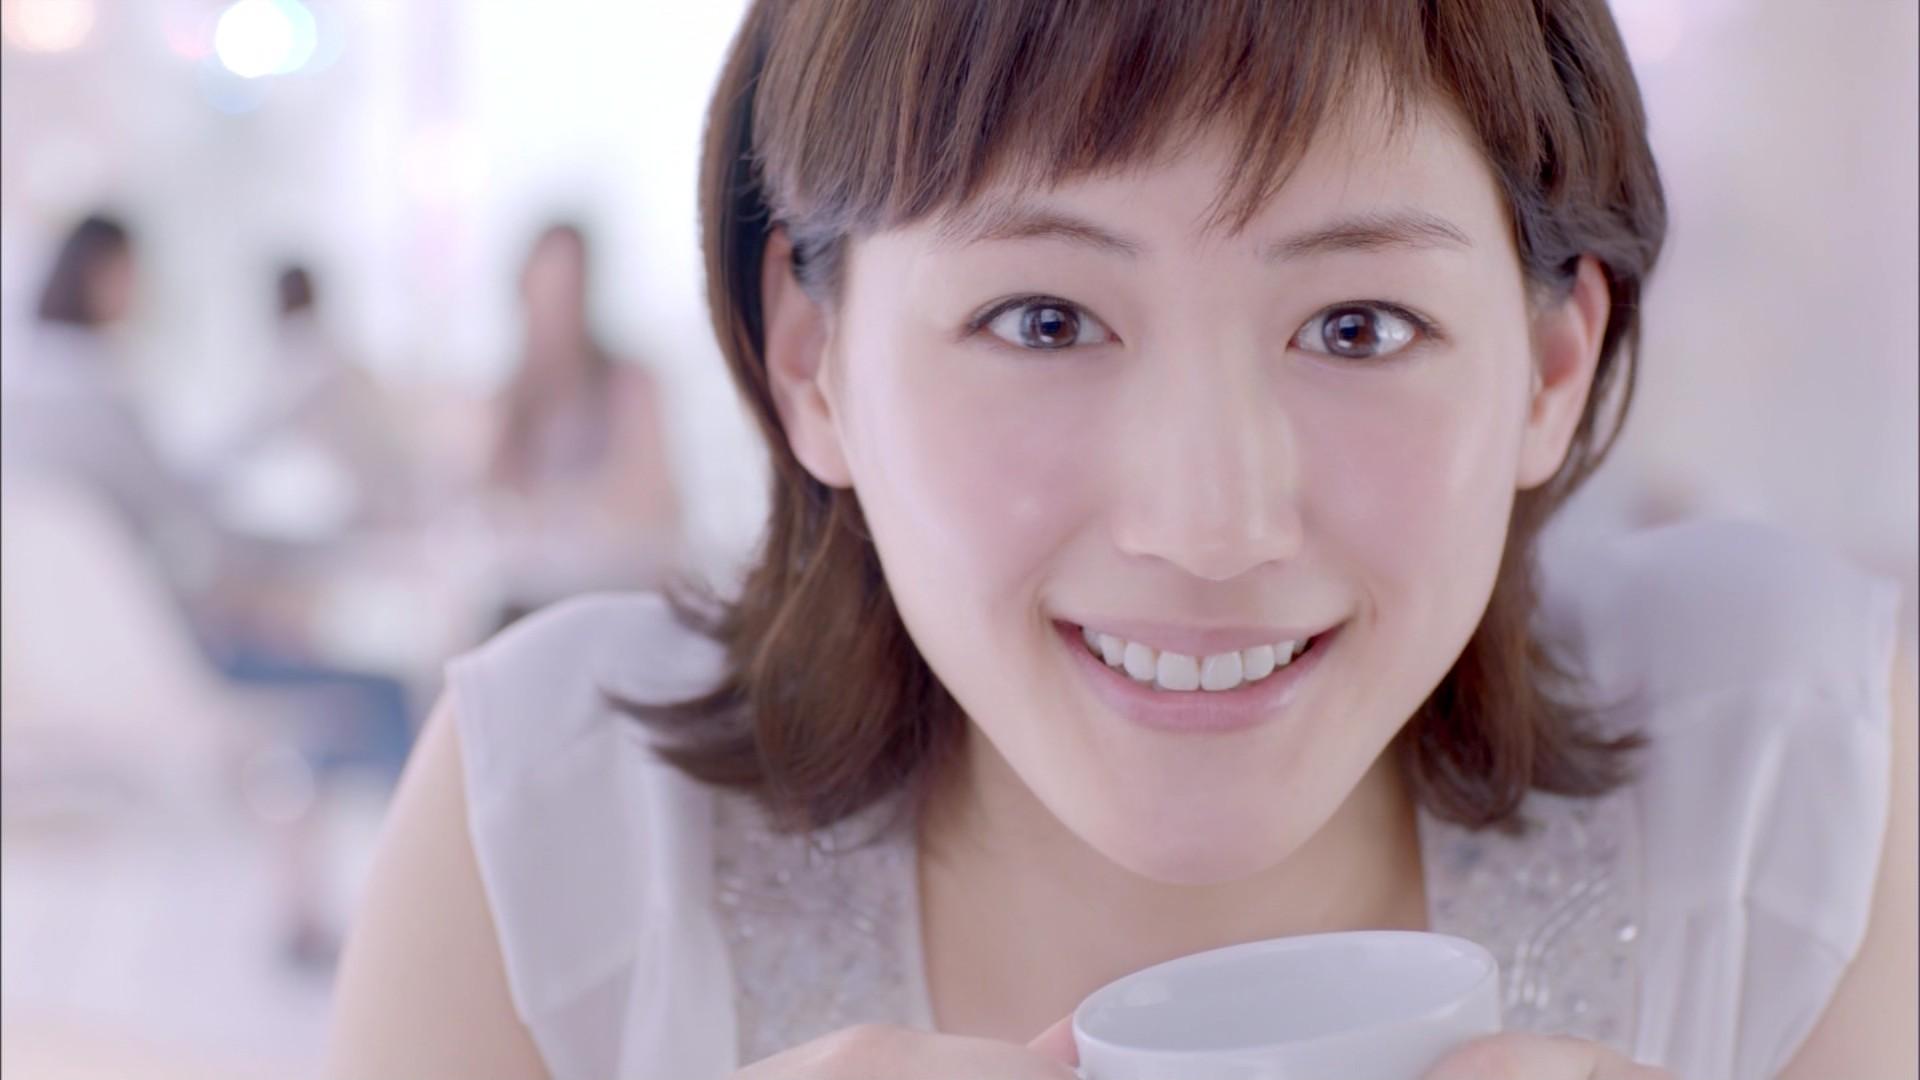 理想の美肌V4!綾瀬はるかのスキンケア方法を真似しちゃおう!のサムネイル画像